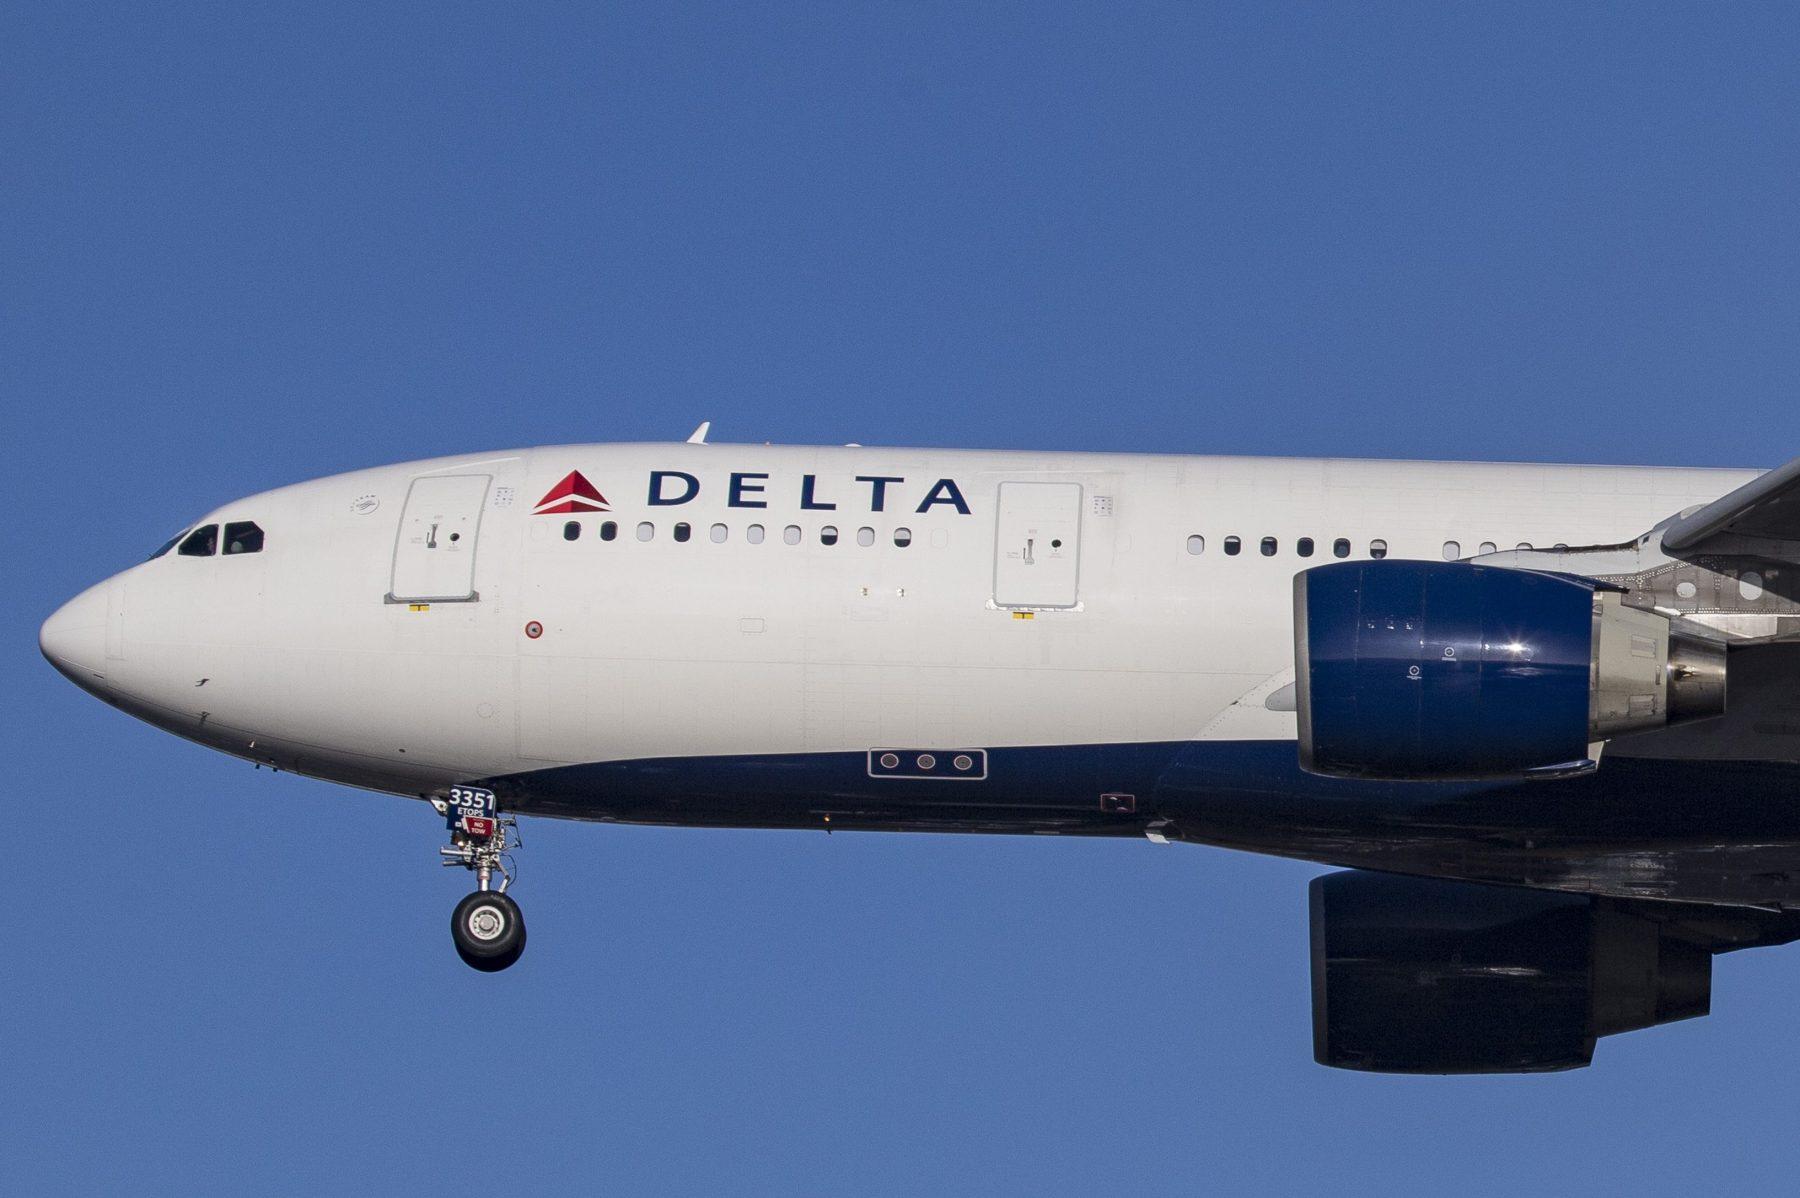 delta Airbus seats